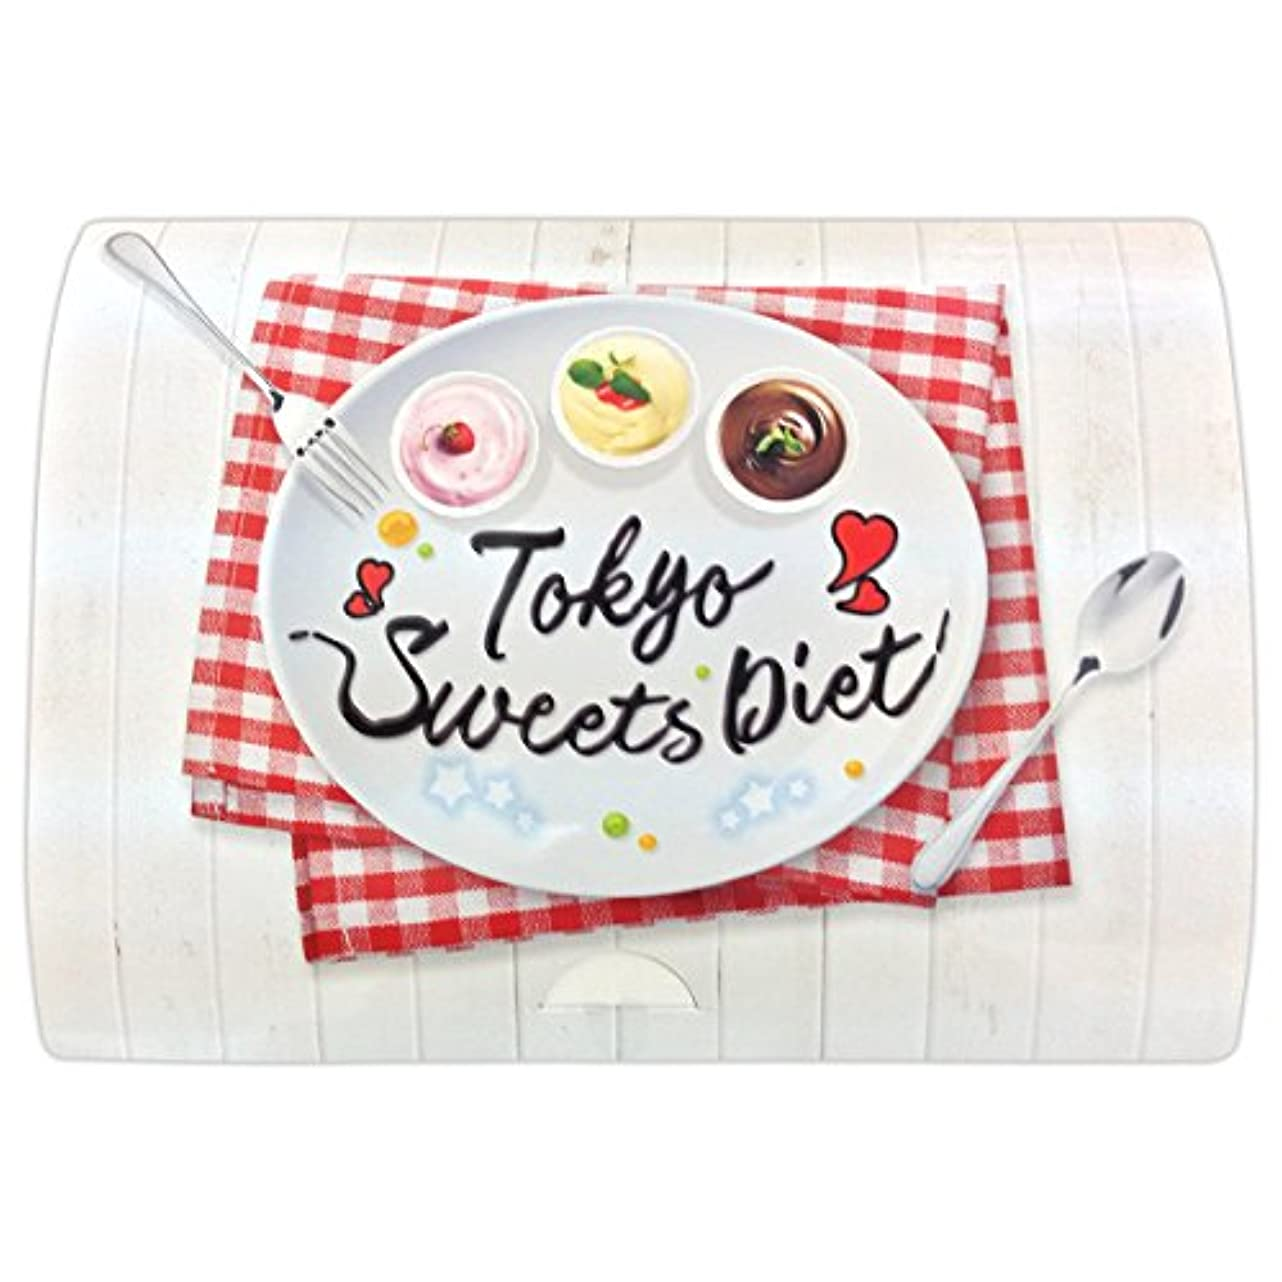 セラー世界的にふりをするIDEA TOKYOスイーツダイエット 置き換えダイエットスイーツ 15食(1包:15g) ストロベリー味 チョコレート味 プリン味